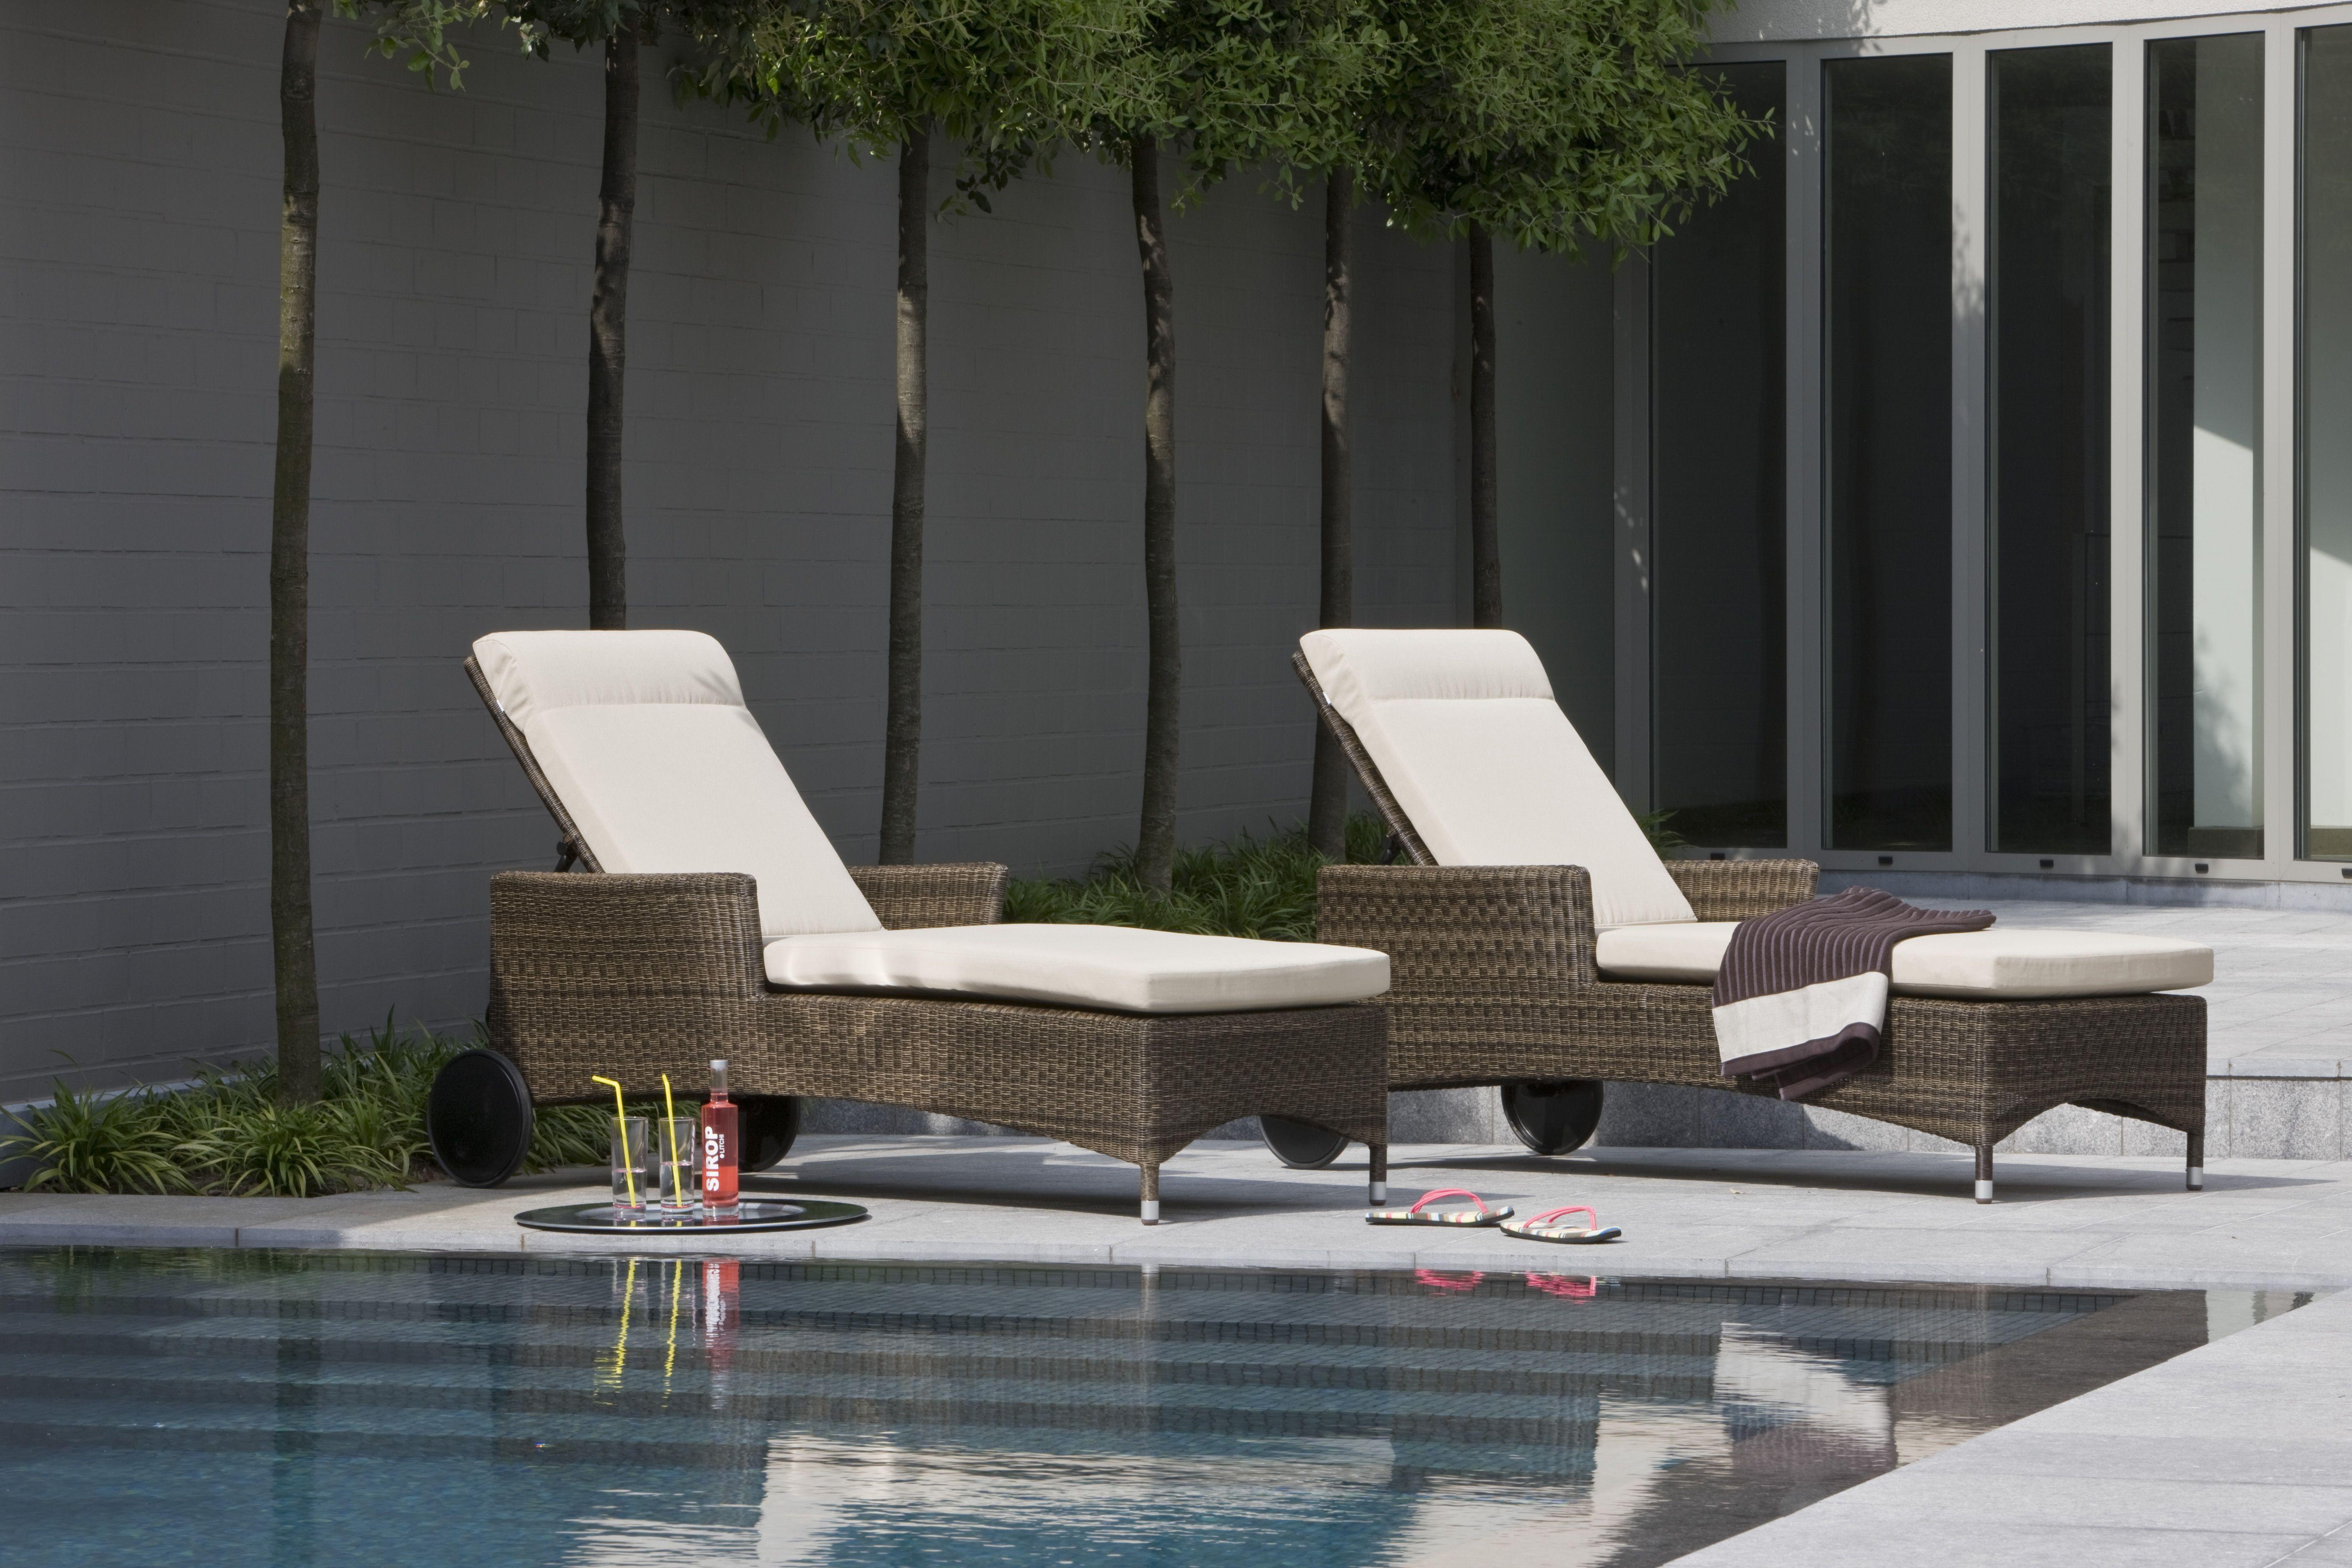 Chaise Longue De Jardin En Resine Couleur Poivre Atoll Chaise Longue Jardin Chaise Longue Chaise